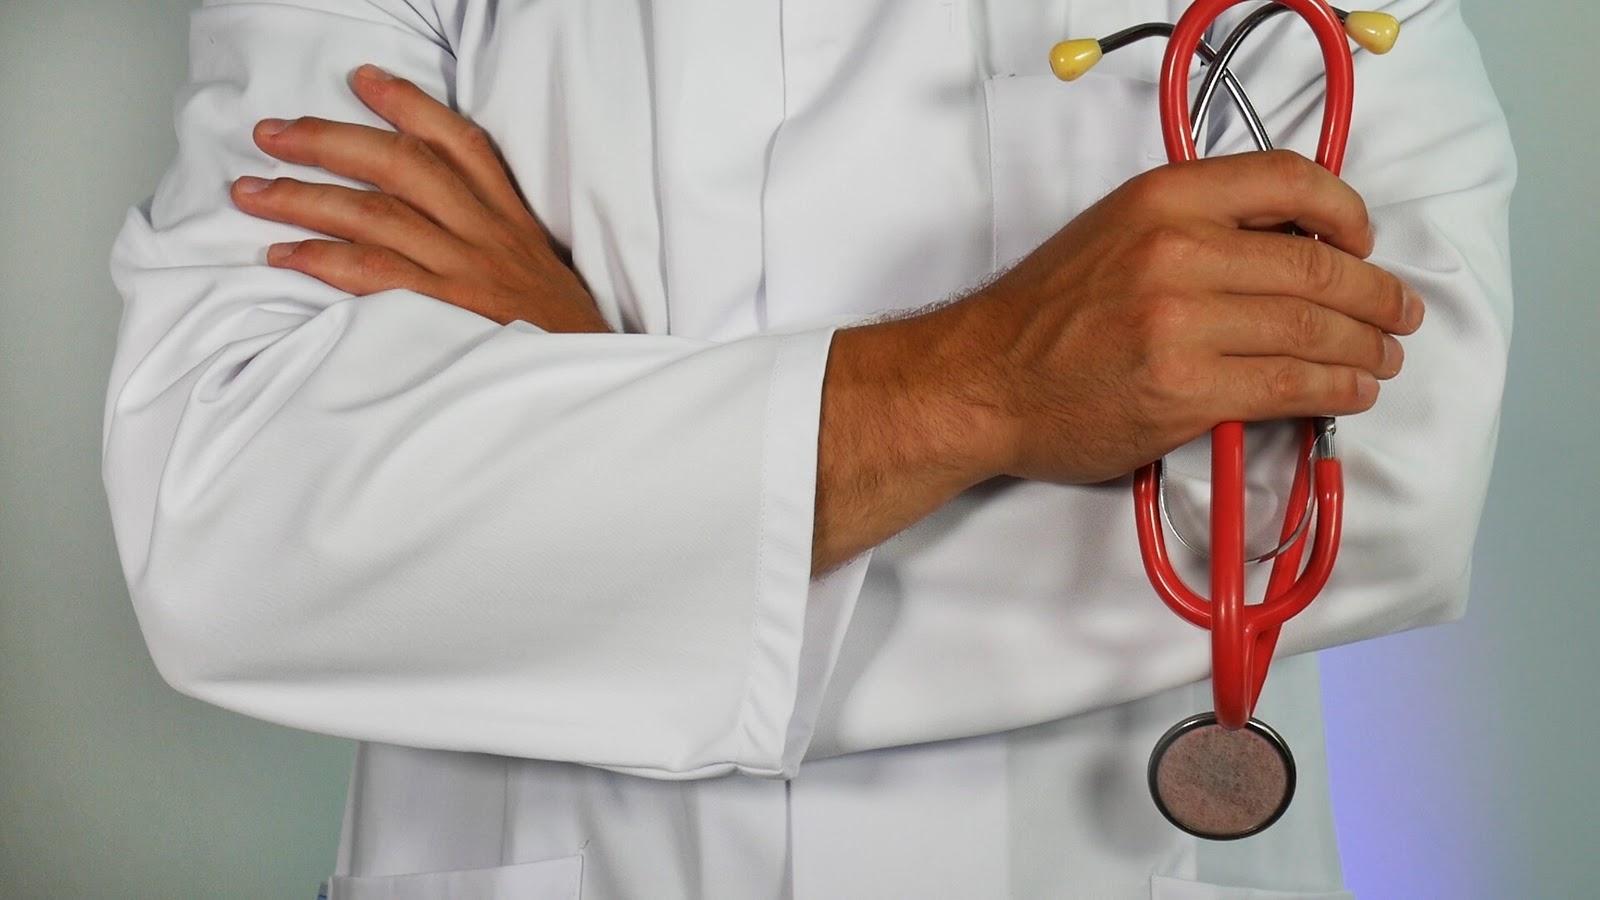 Dijagnoza demencije - kojem liječniku se trebam obratiti?